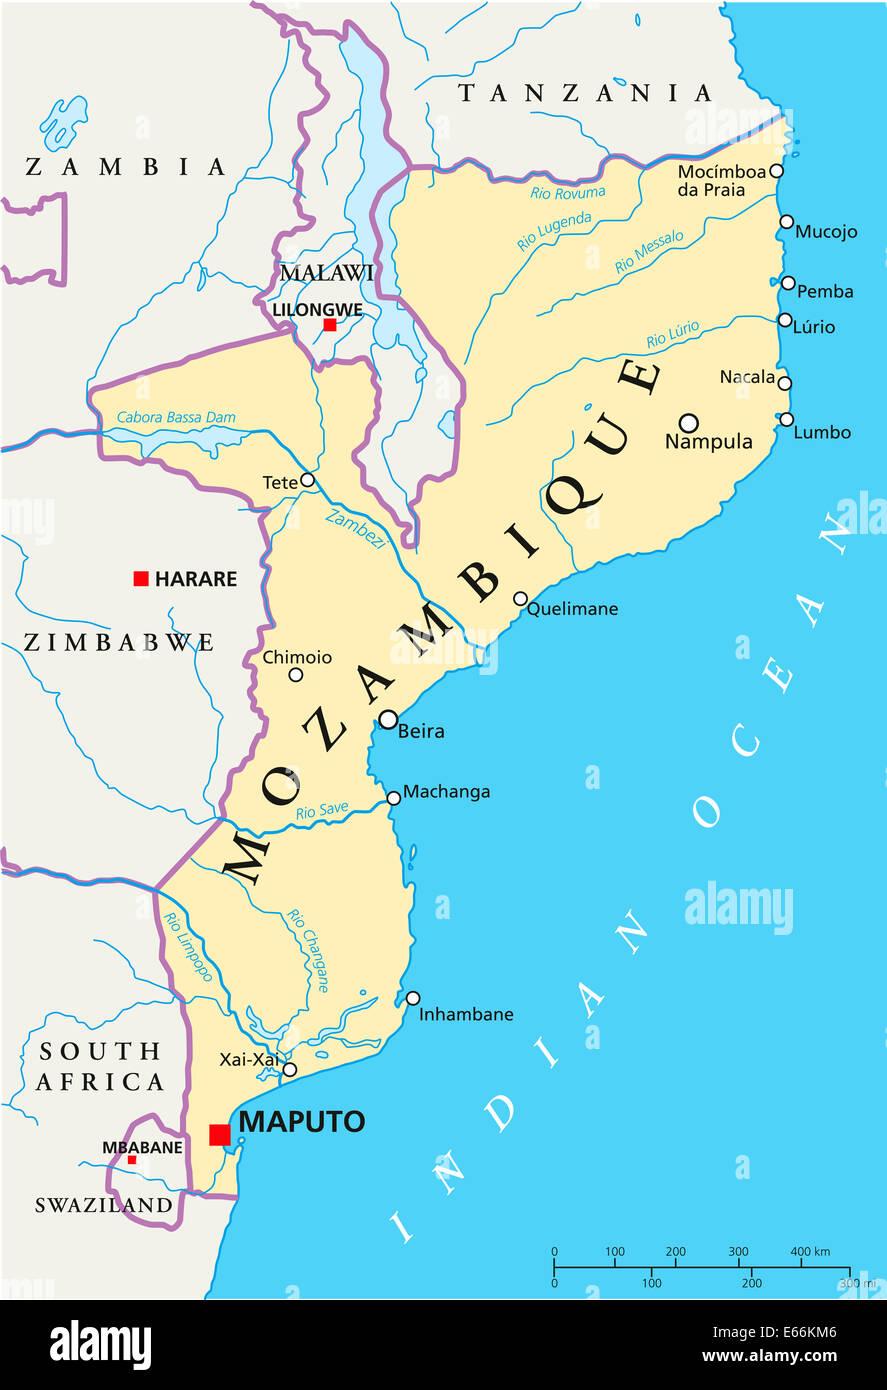 Mosambik Karte.Mosambik Politische Karte Mit Hauptstadt Maputo Mit Landesgrenzen